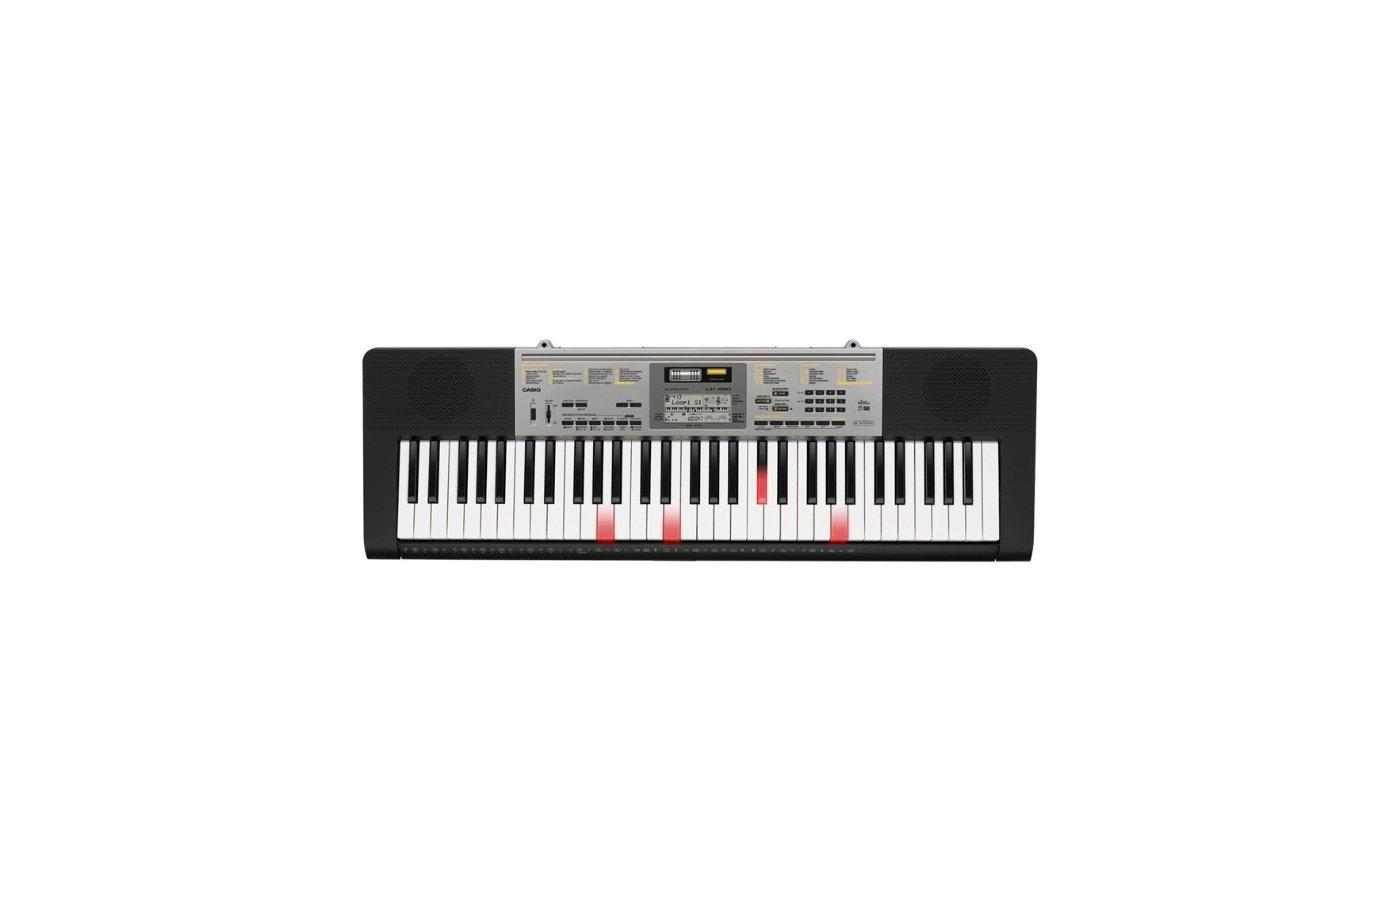 Музыкальный инструмент CASIO LK-260